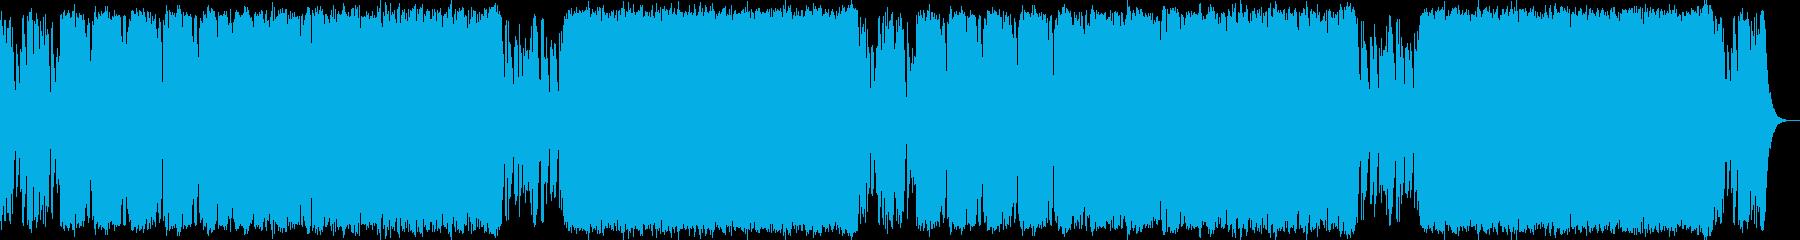 悪が蔓延る支配 サイコオーケストラマーチの再生済みの波形